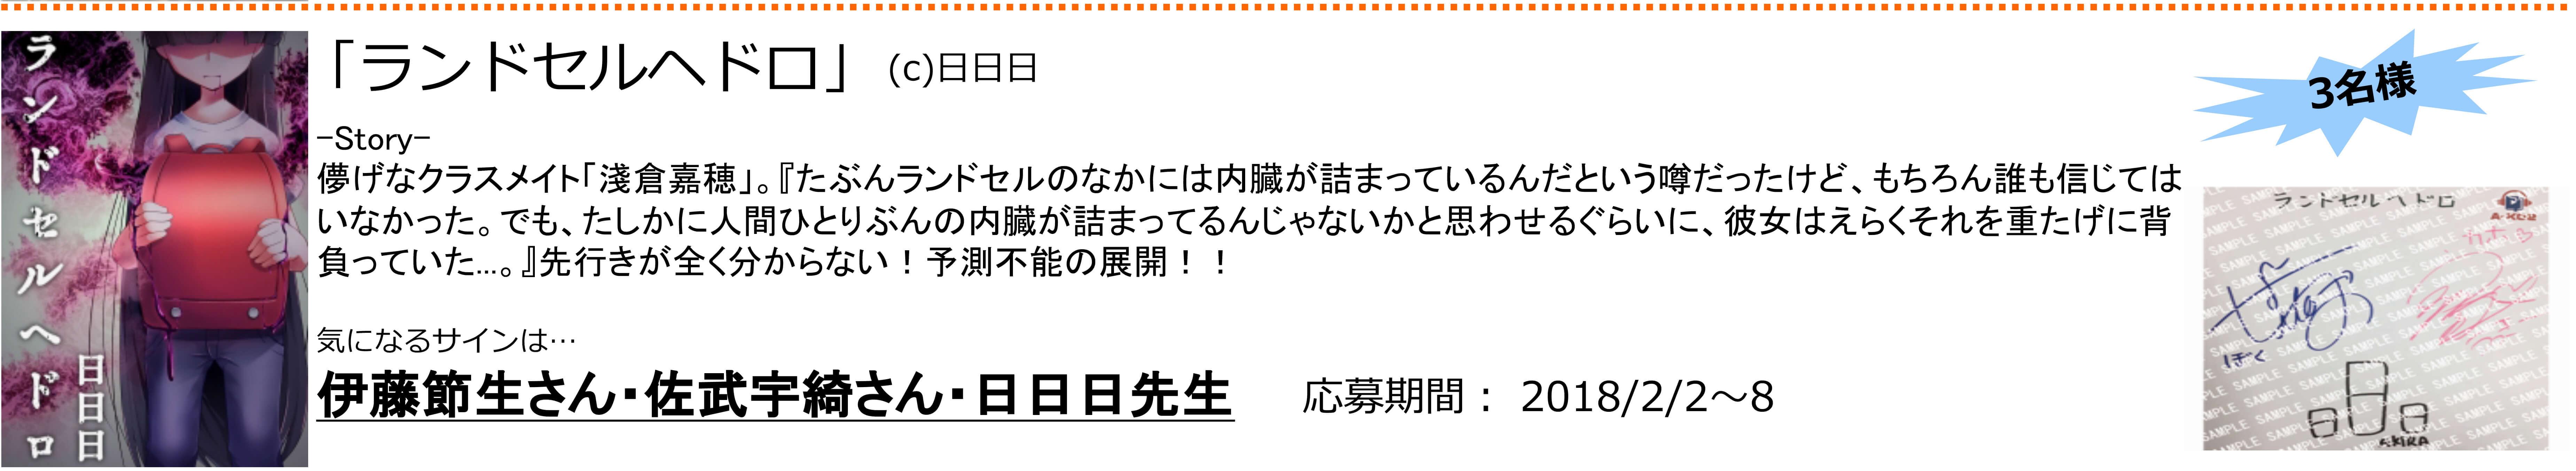 ニュースリリースOct5 プレゼントキャンペーン最終_横に修正